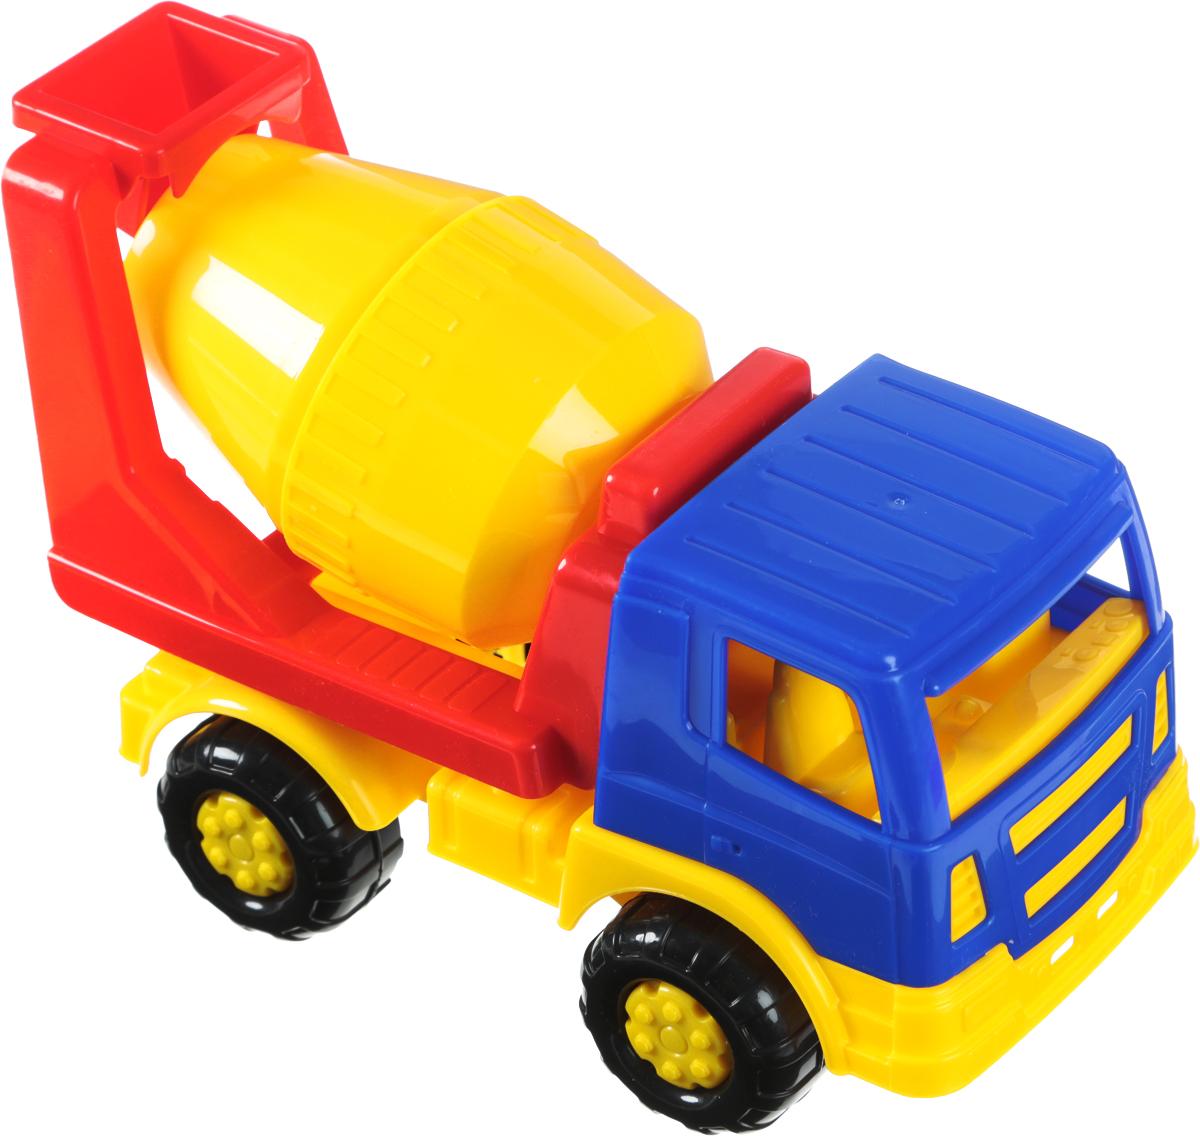 Полесье Автомобиль-бетоновоз Салют цвет кабины синий